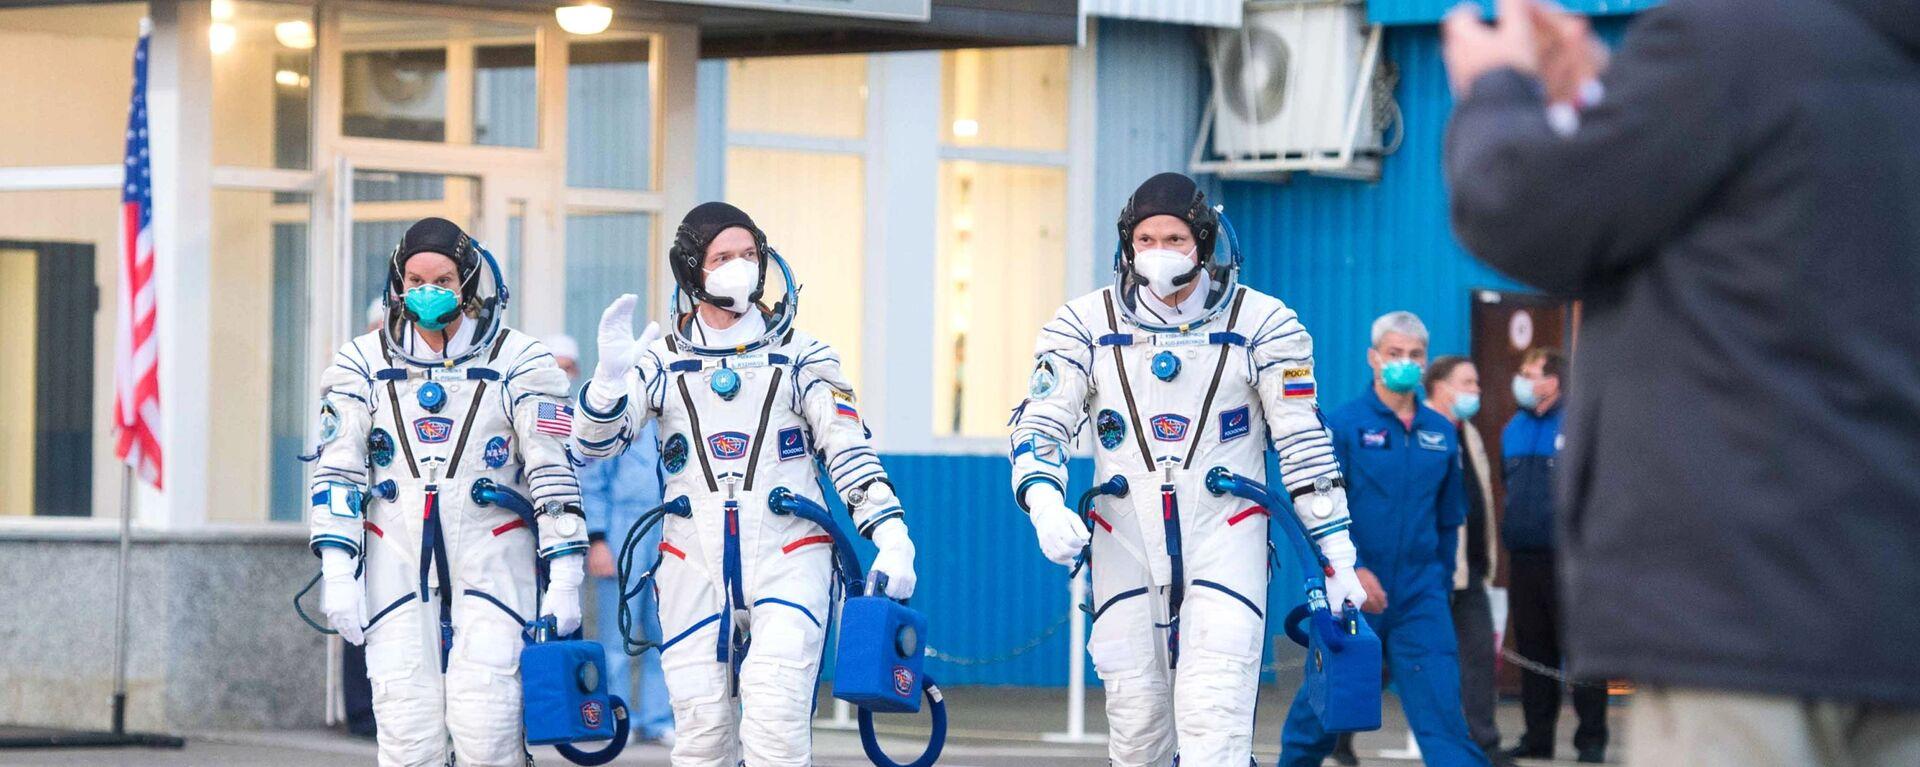 Ruští kosmonauti Sergej Ryžikov, Sergej Kuď-Sverčkov a Američanka Kathleen Rubinsová. - Sputnik Česká republika, 1920, 17.04.2021